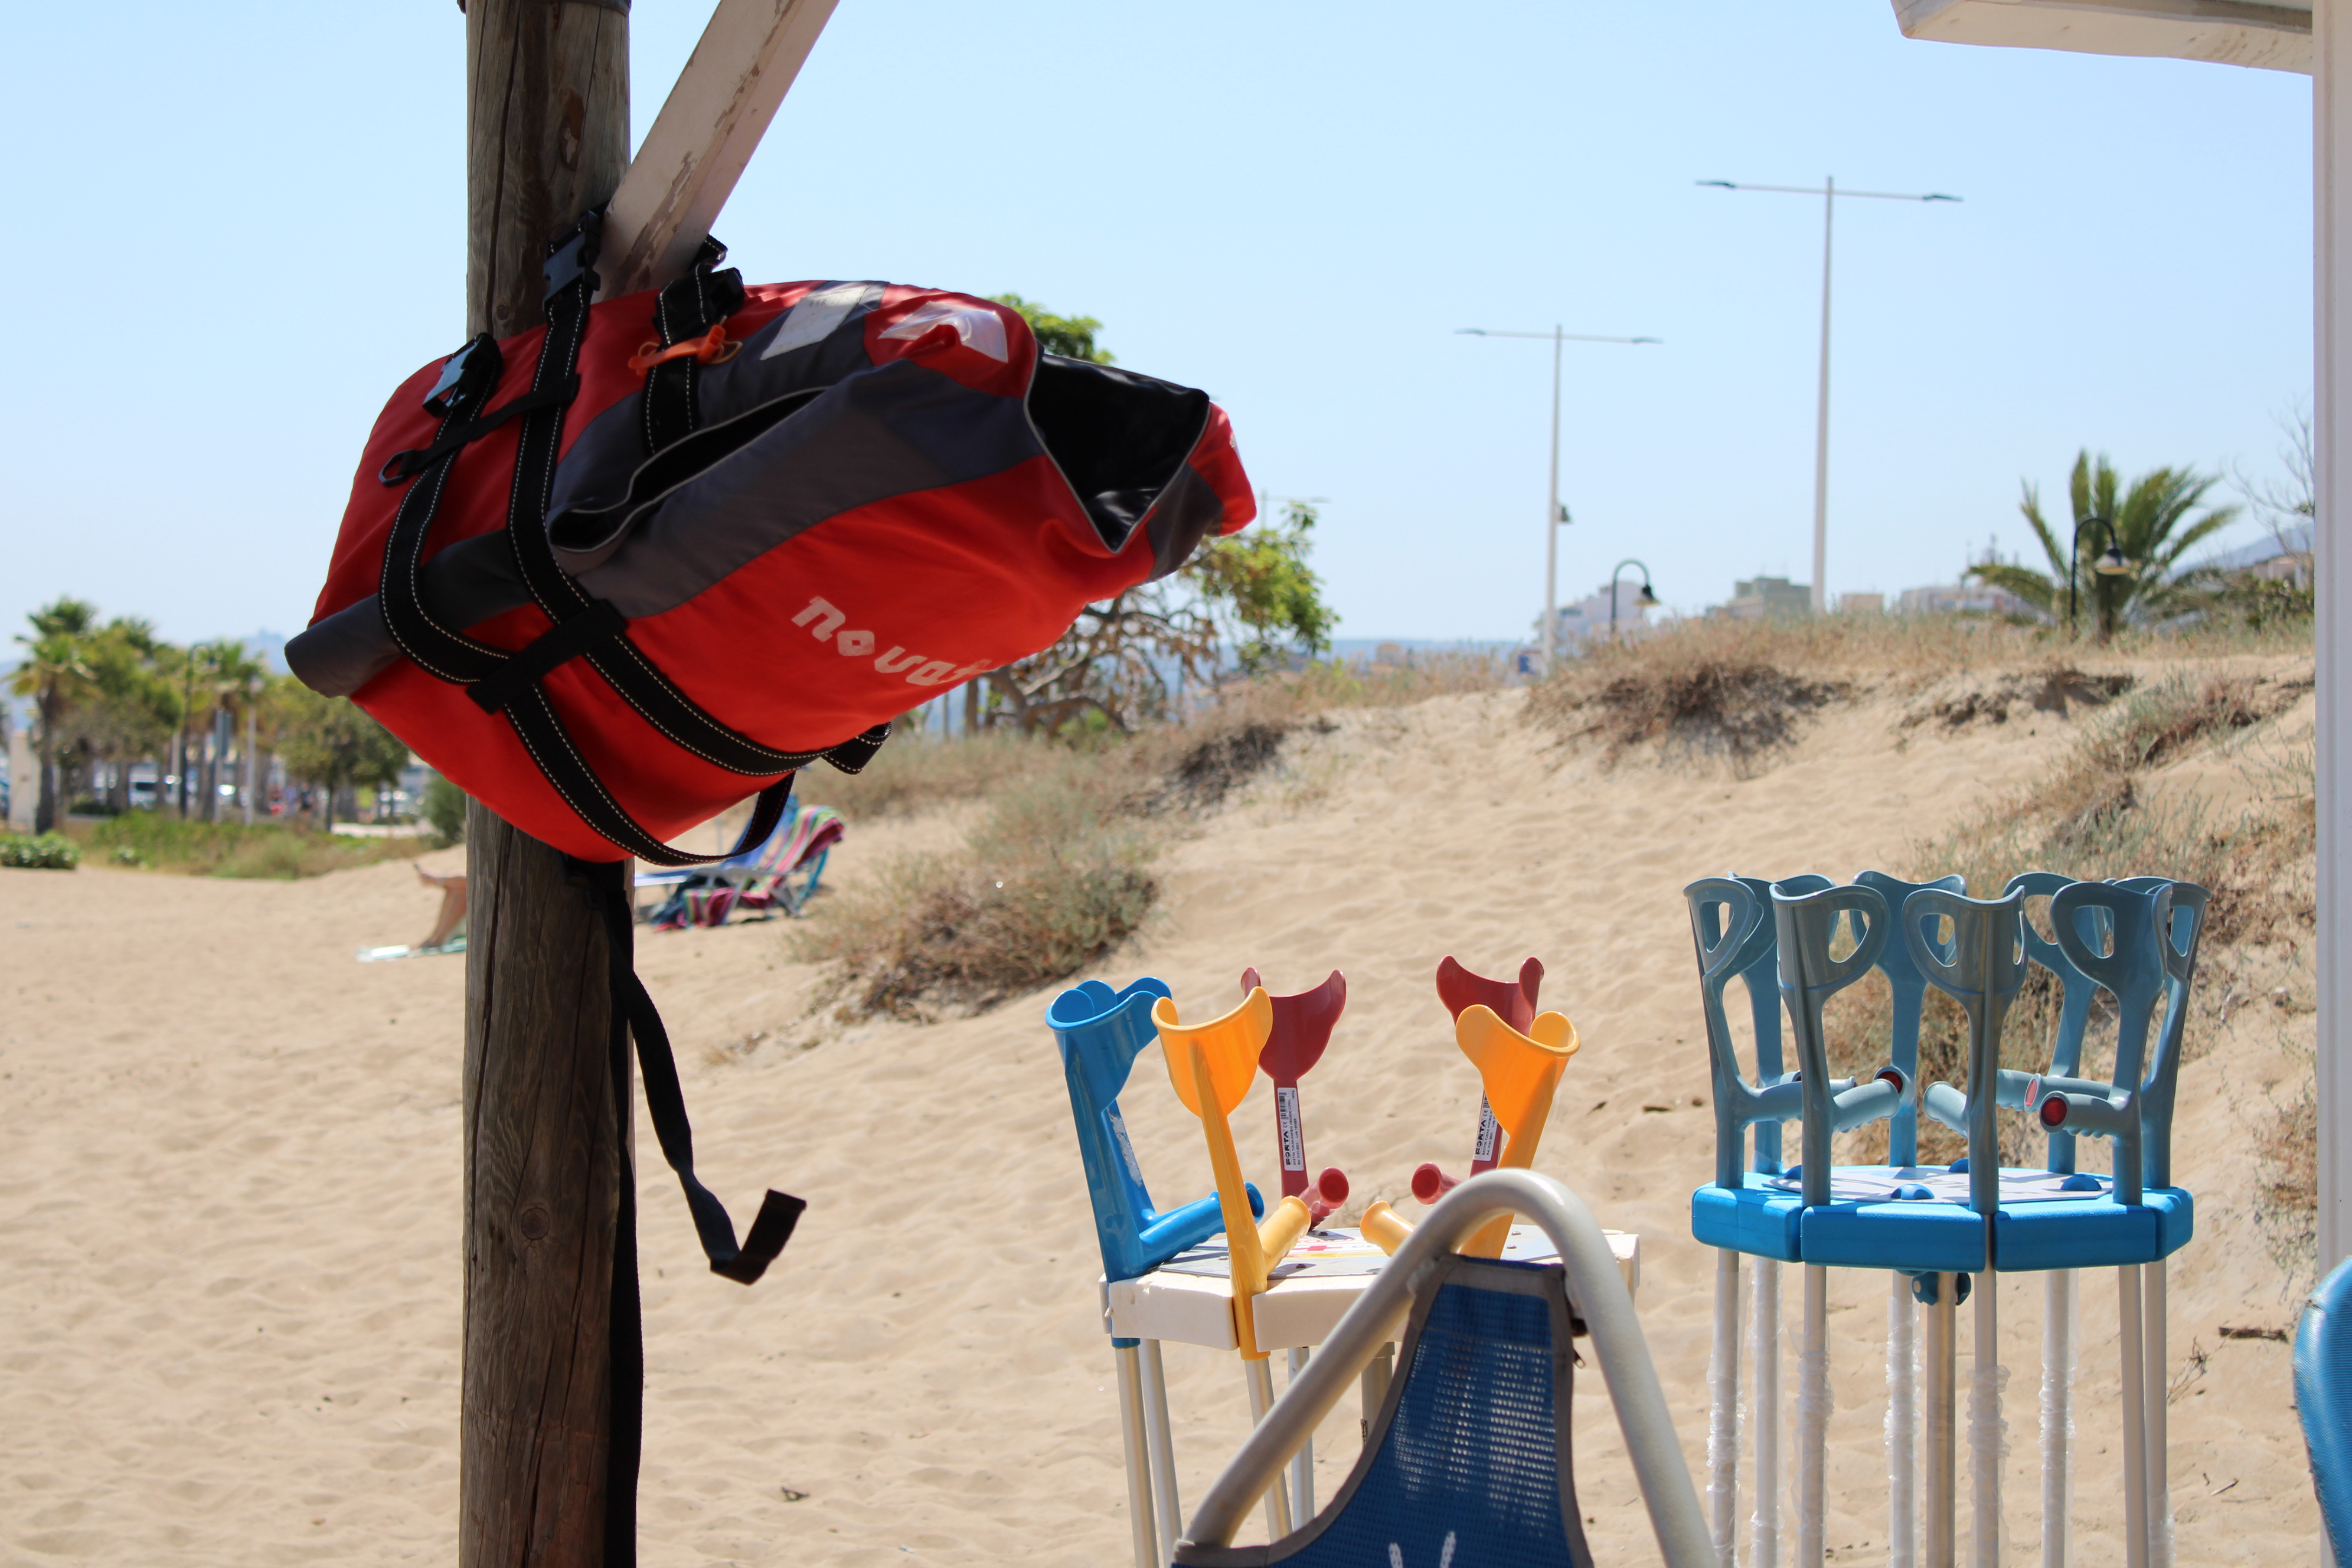 La platja accessible de la Punta del Raset s'amplia amb servei de fisioteràpia i nou mat...